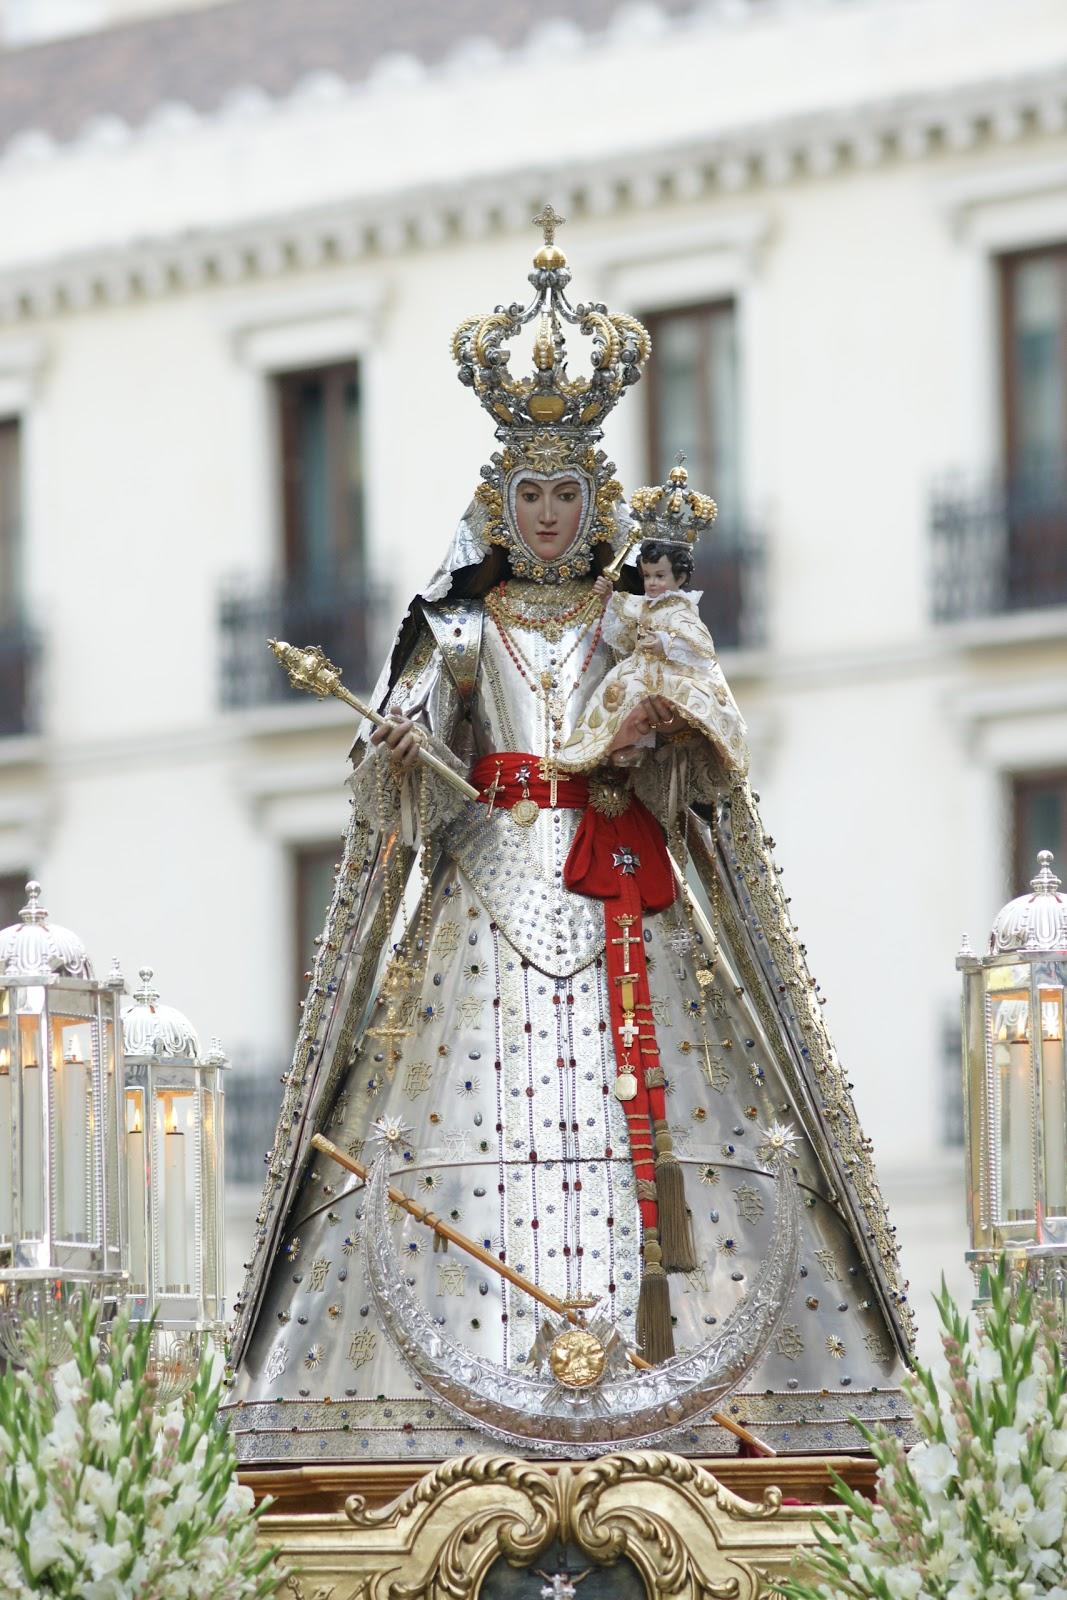 Nuestra seora del rosario granada nuestra seora del rosario foto archicofradiarosariocoronadaspot altavistaventures Choice Image